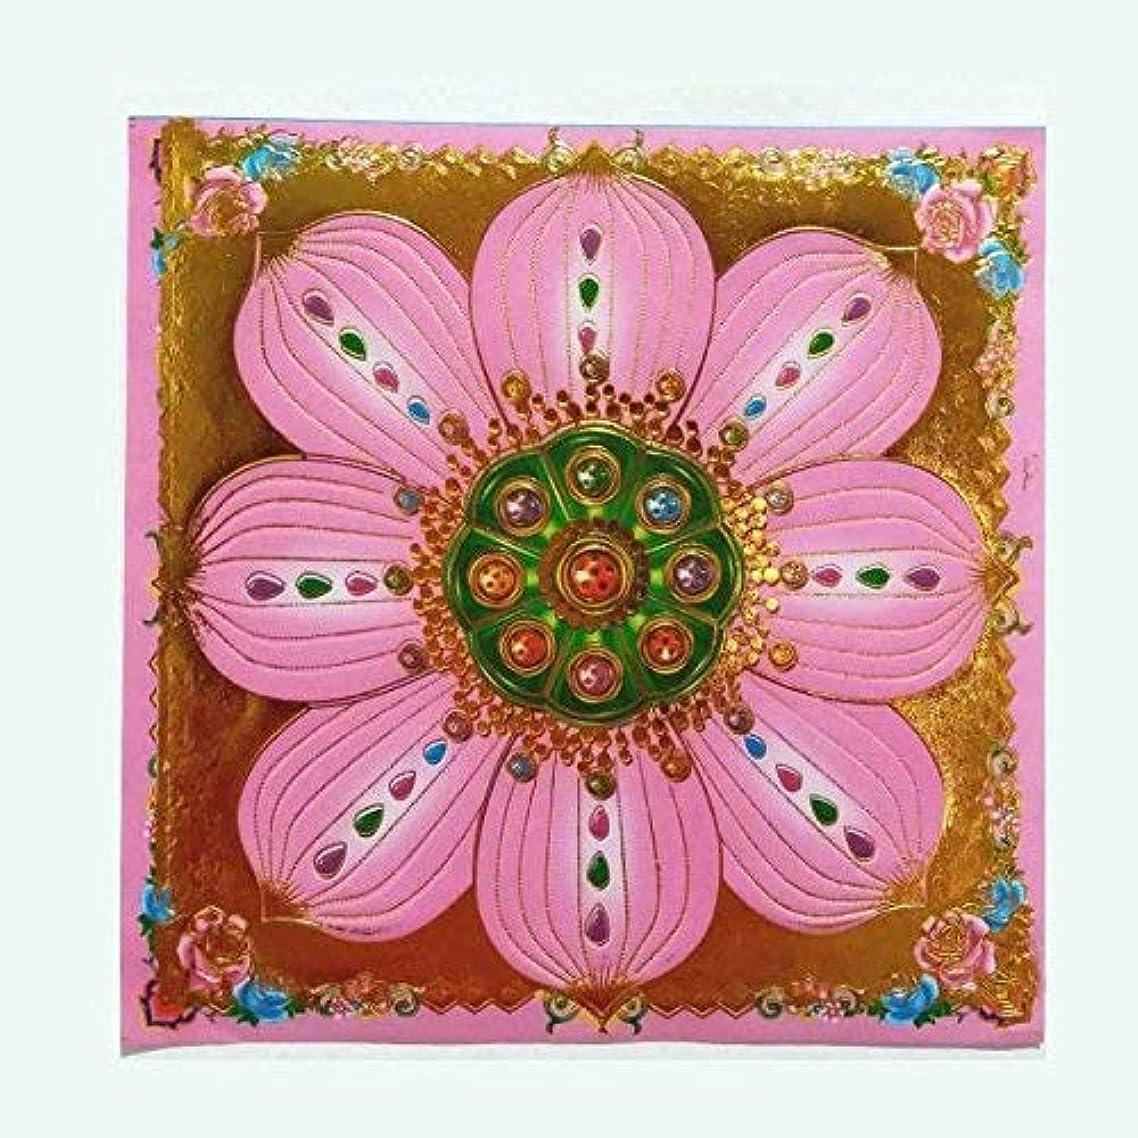 伝染性のタイヤ折40pcs Incense用紙/ Joss用紙ハイグレードカラフルwithゴールドの箔Sサイズの祖先Praying 7.5インチx 7.5インチ(ピンク)